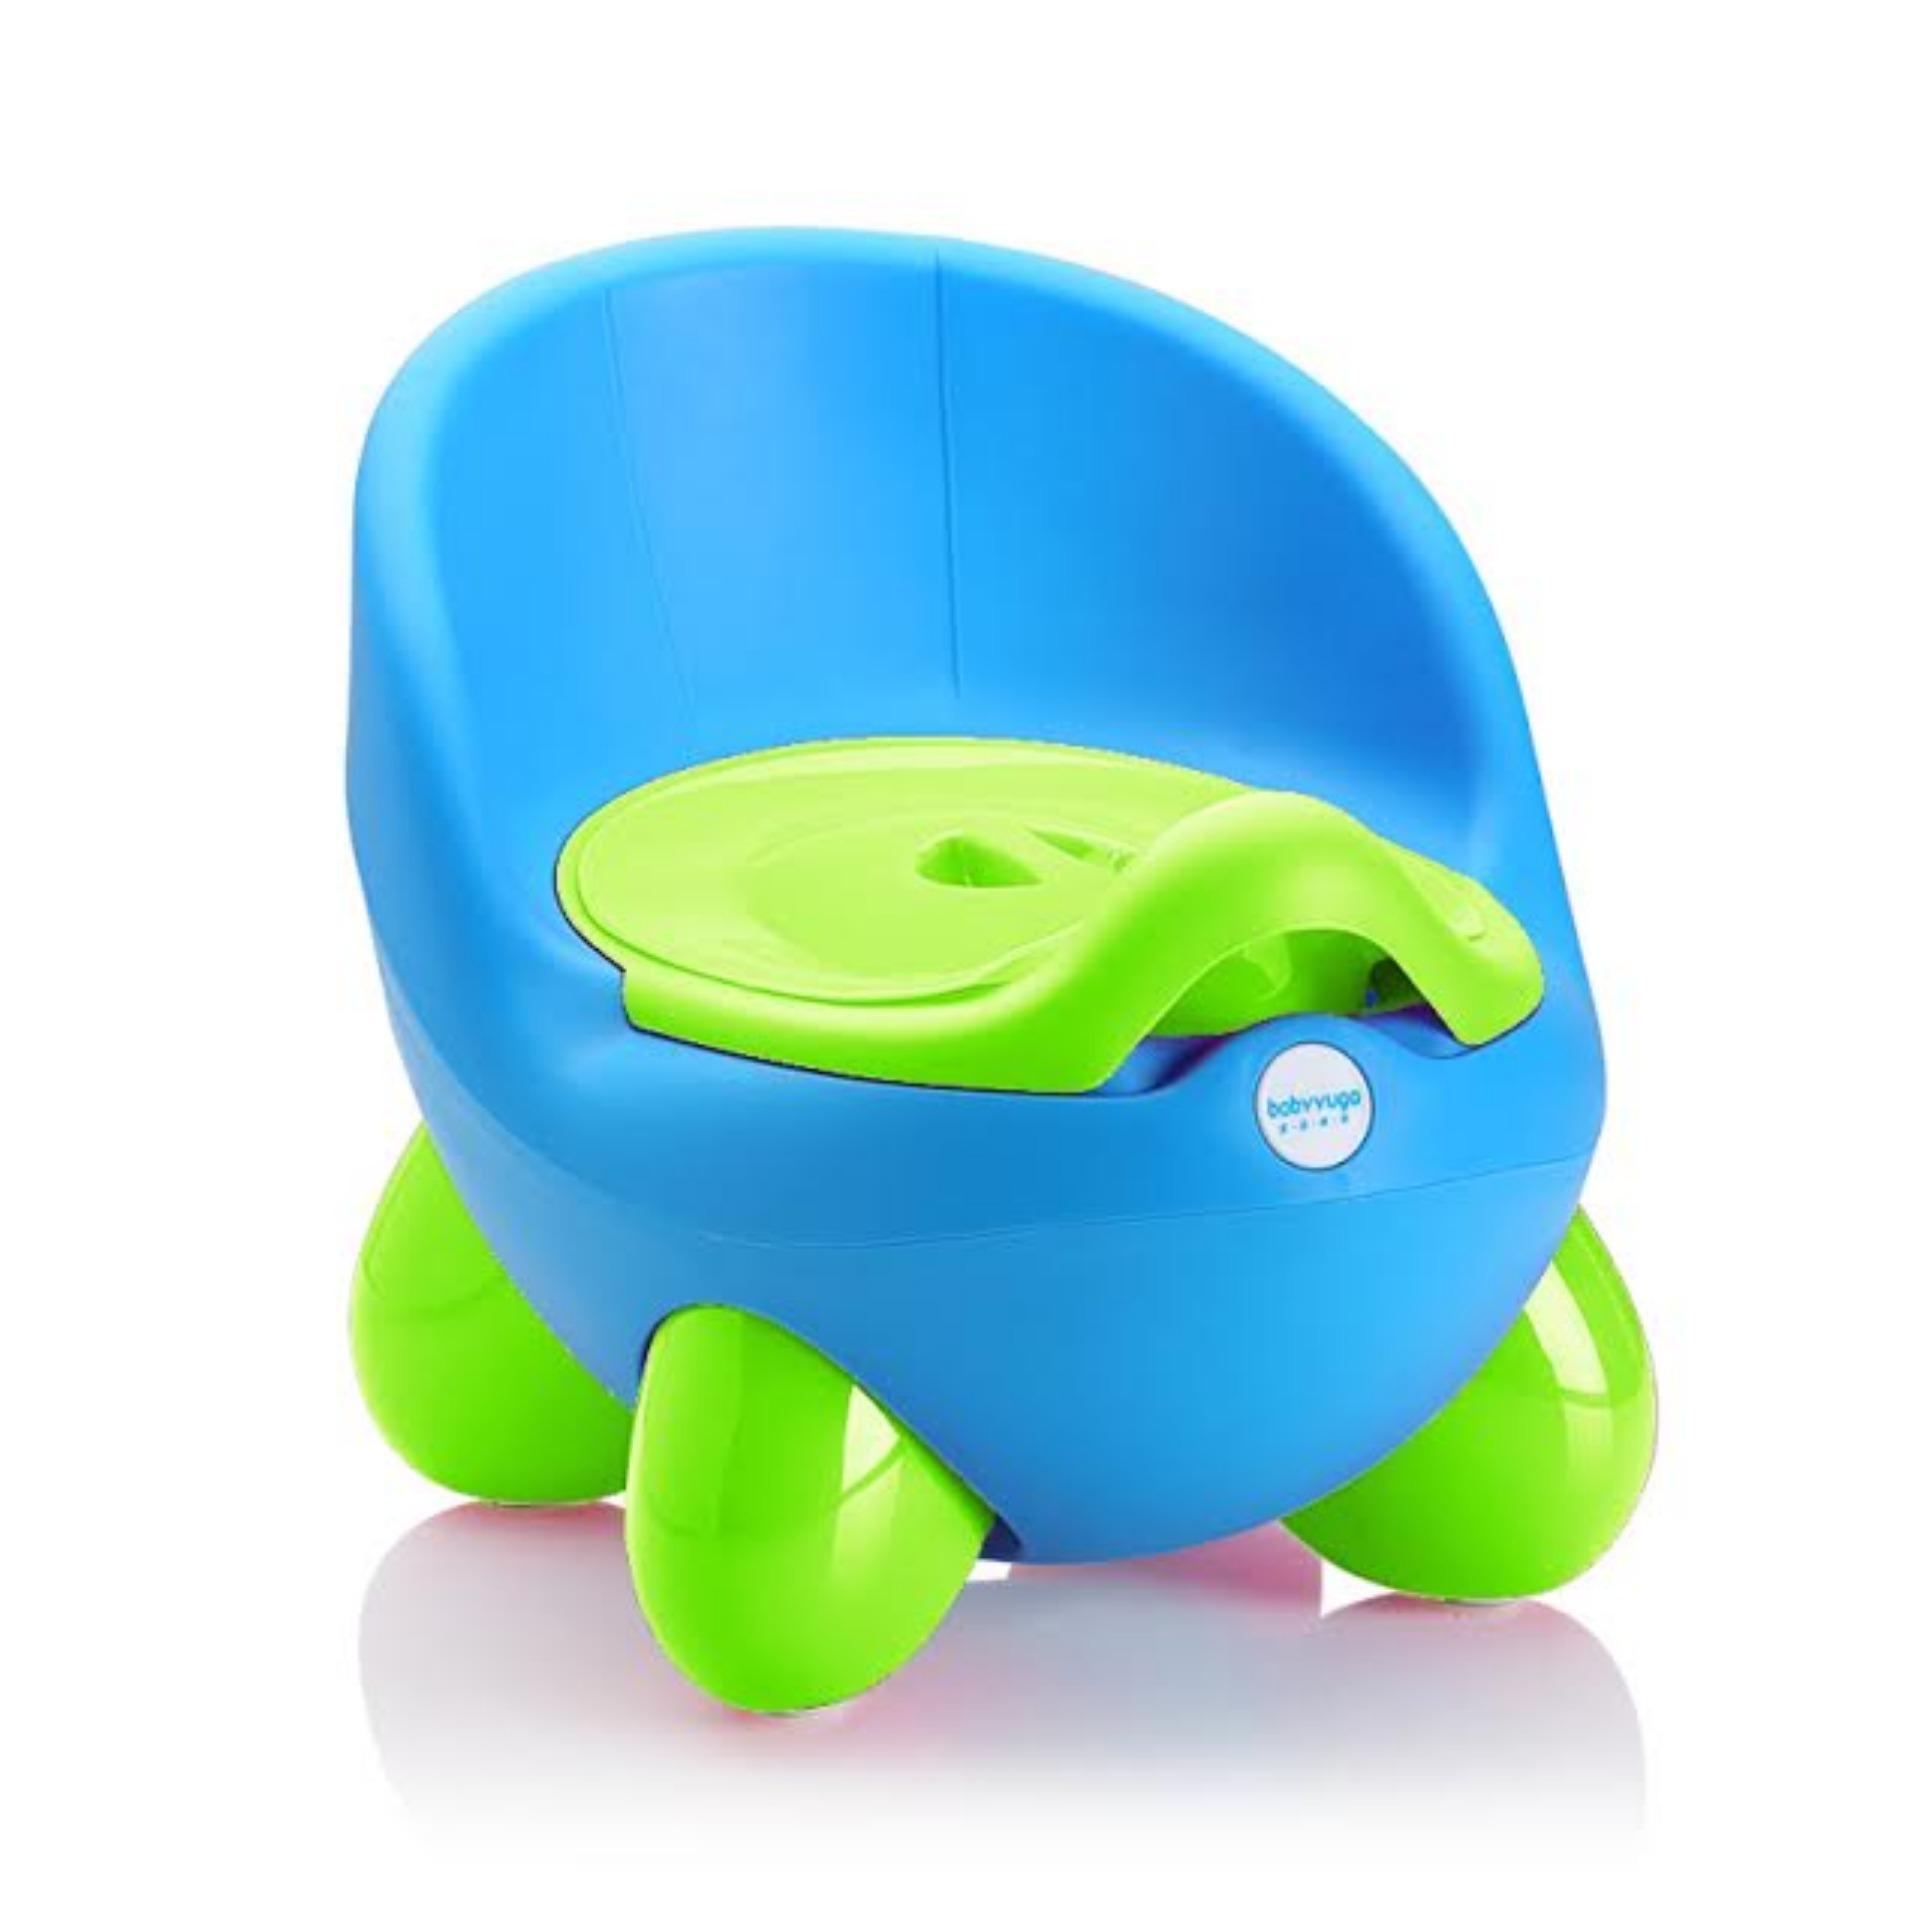 Bô vệ sinh cho bé (xanh dương phối xanh chuối)